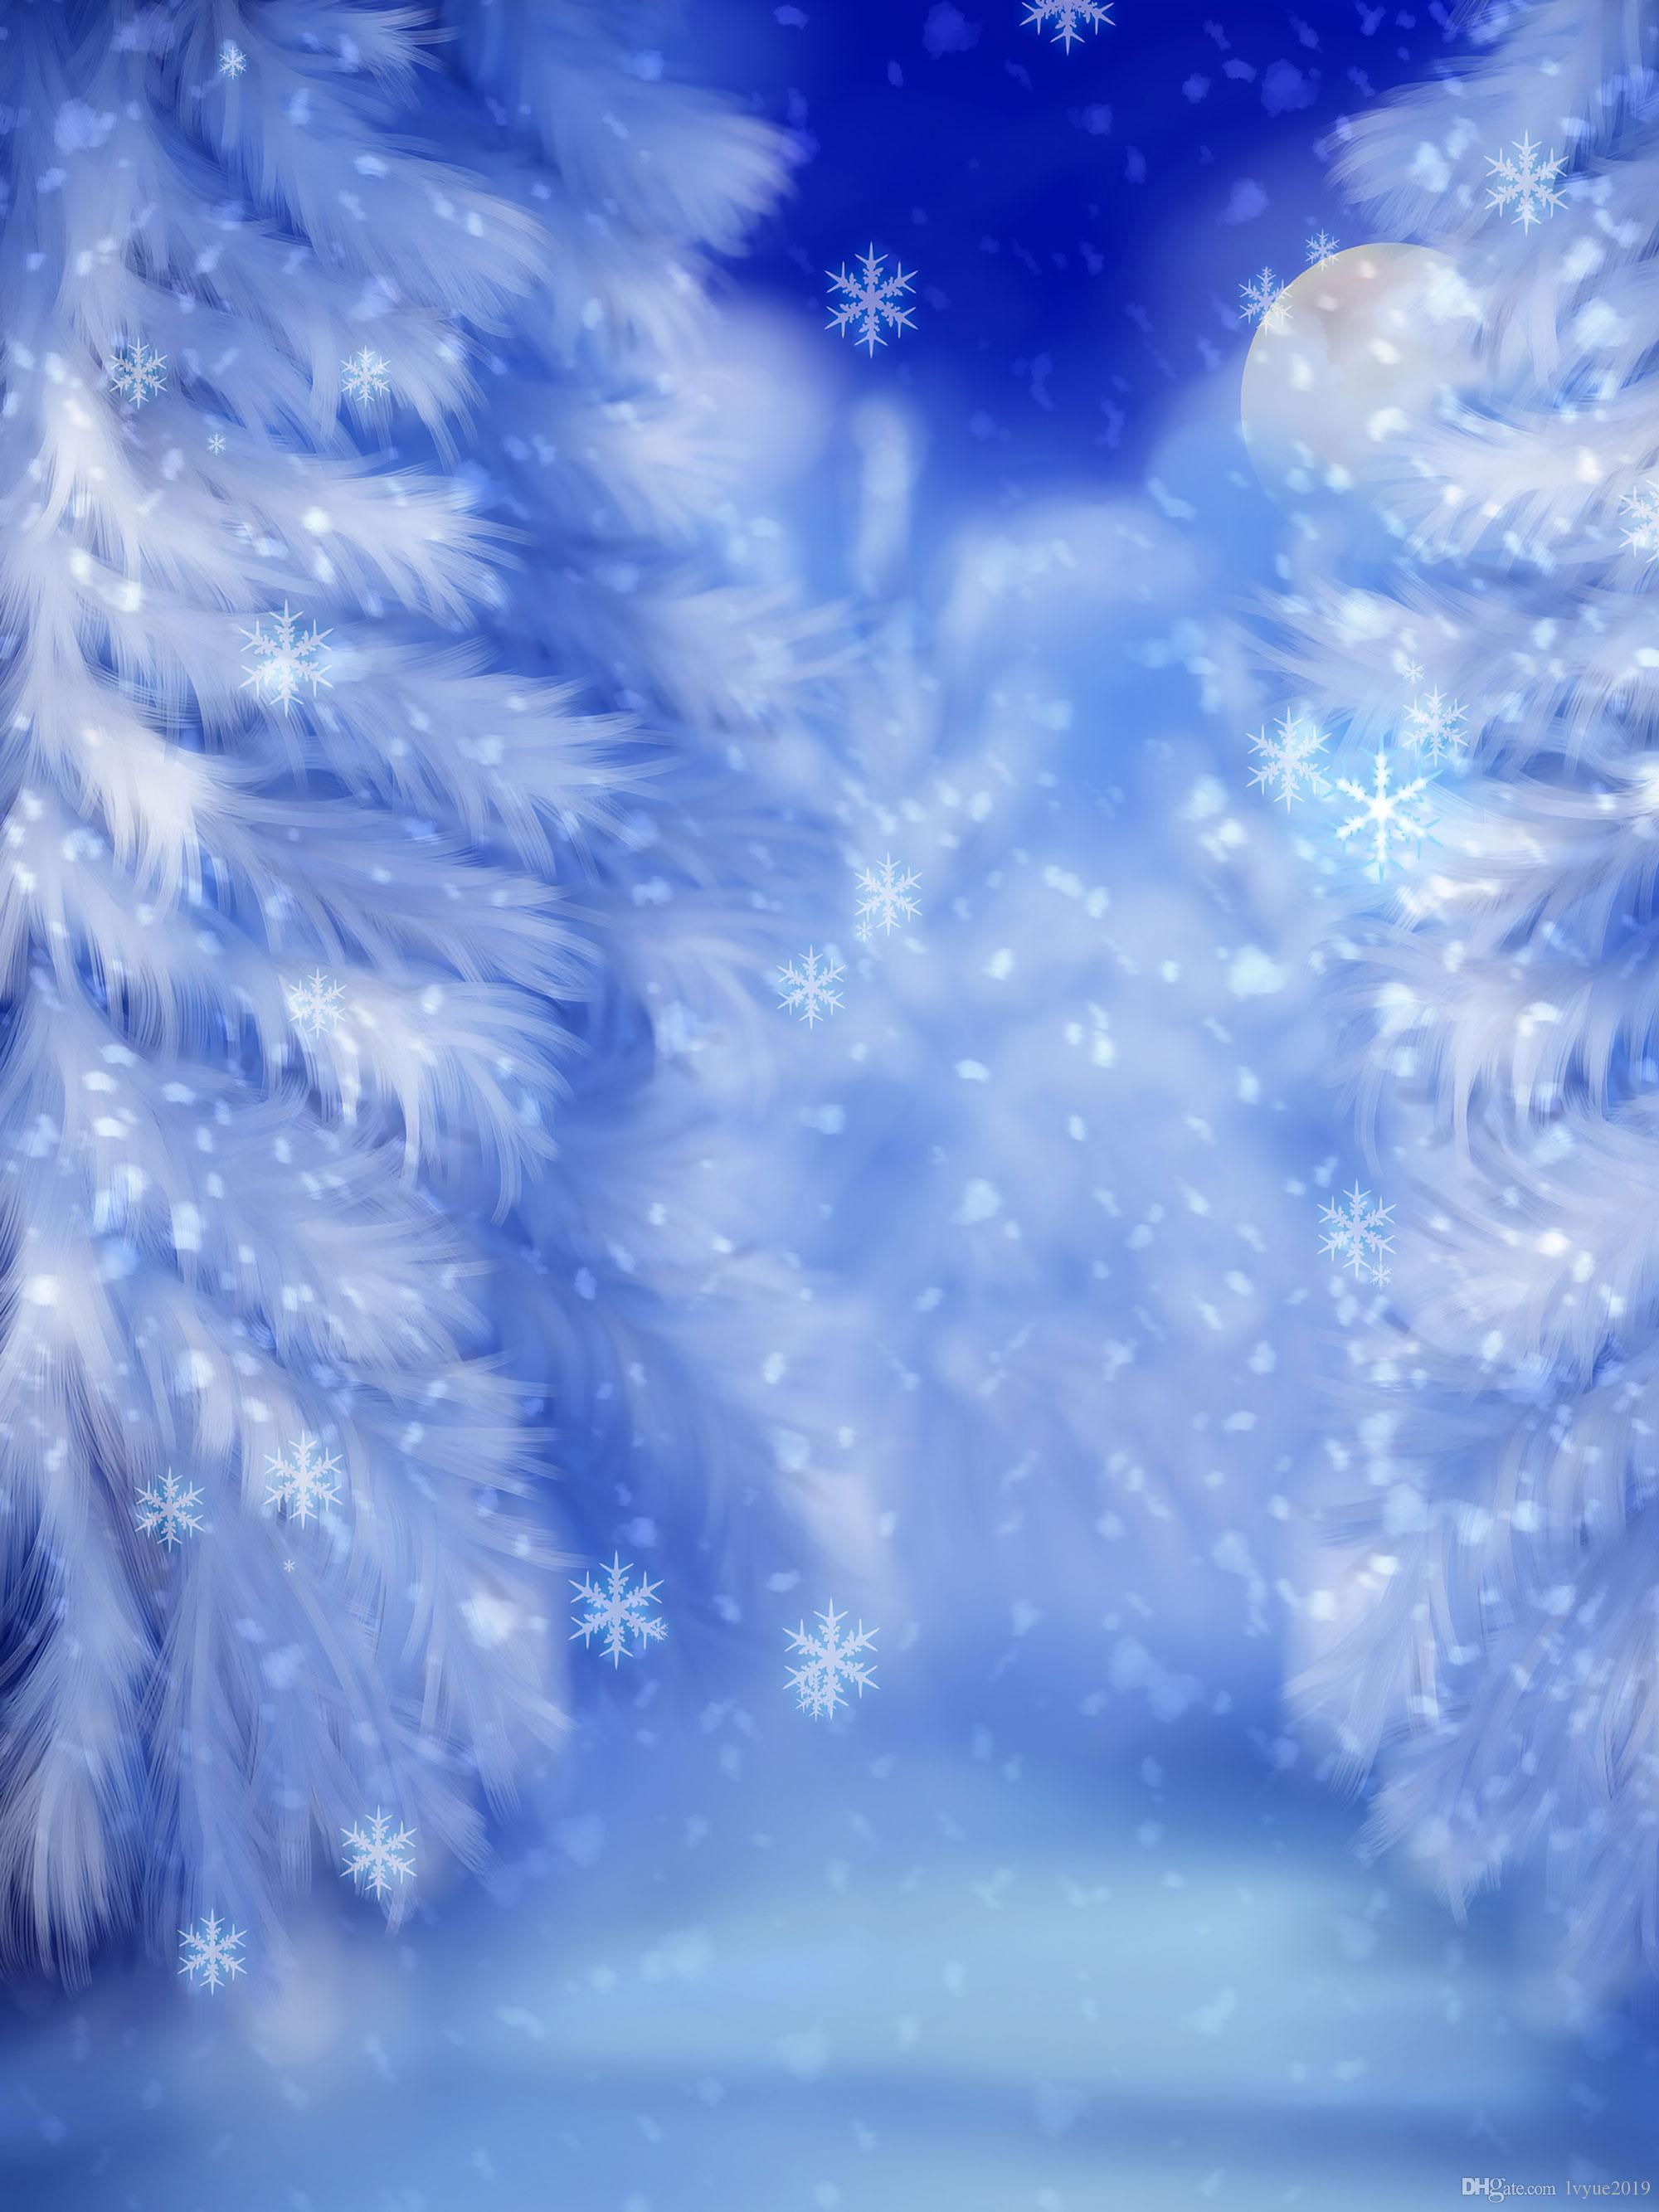 Nuit d'hiver Neige Paysage SAPINS Vinyle Photographie Backdrops Seamless bébé nouveau-né photo Fonds Booth pour Joyeux Noël Stud